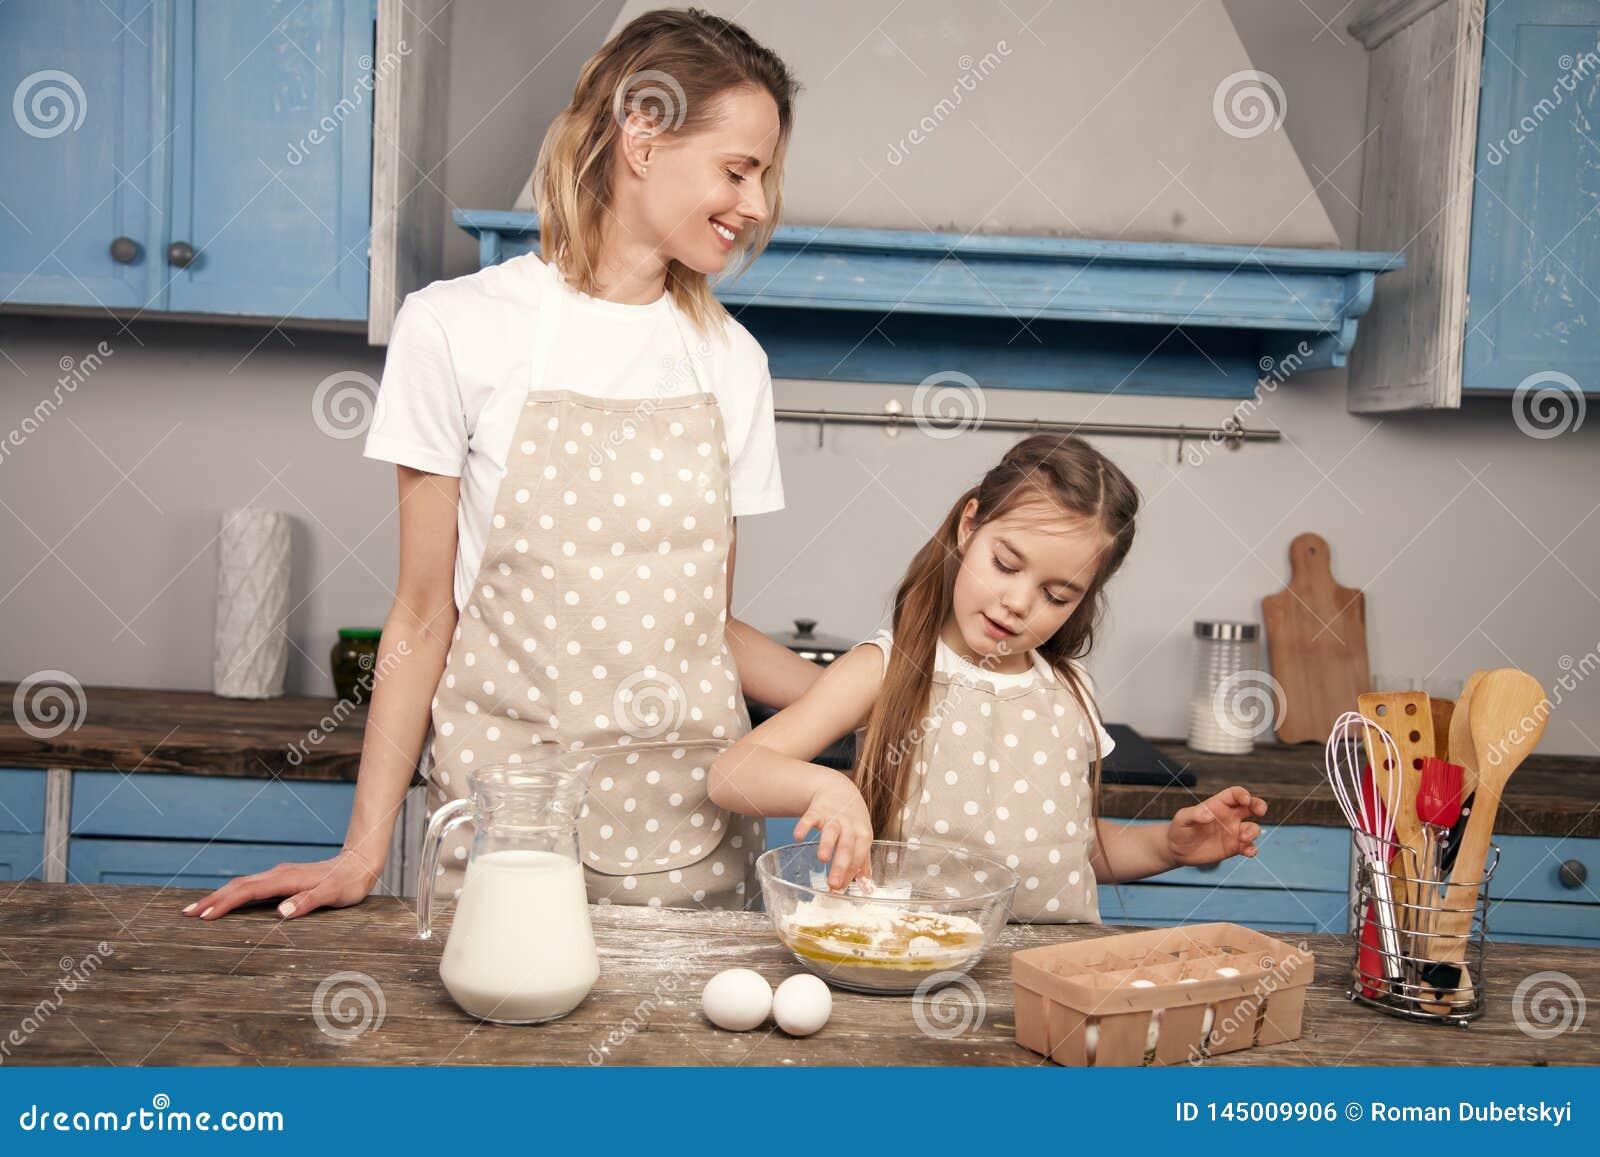 Figlia del bambino e della mamma nella cucina che prepara pasta, biscotti bollenti La mamma insegna a sua figlia ad impastare la